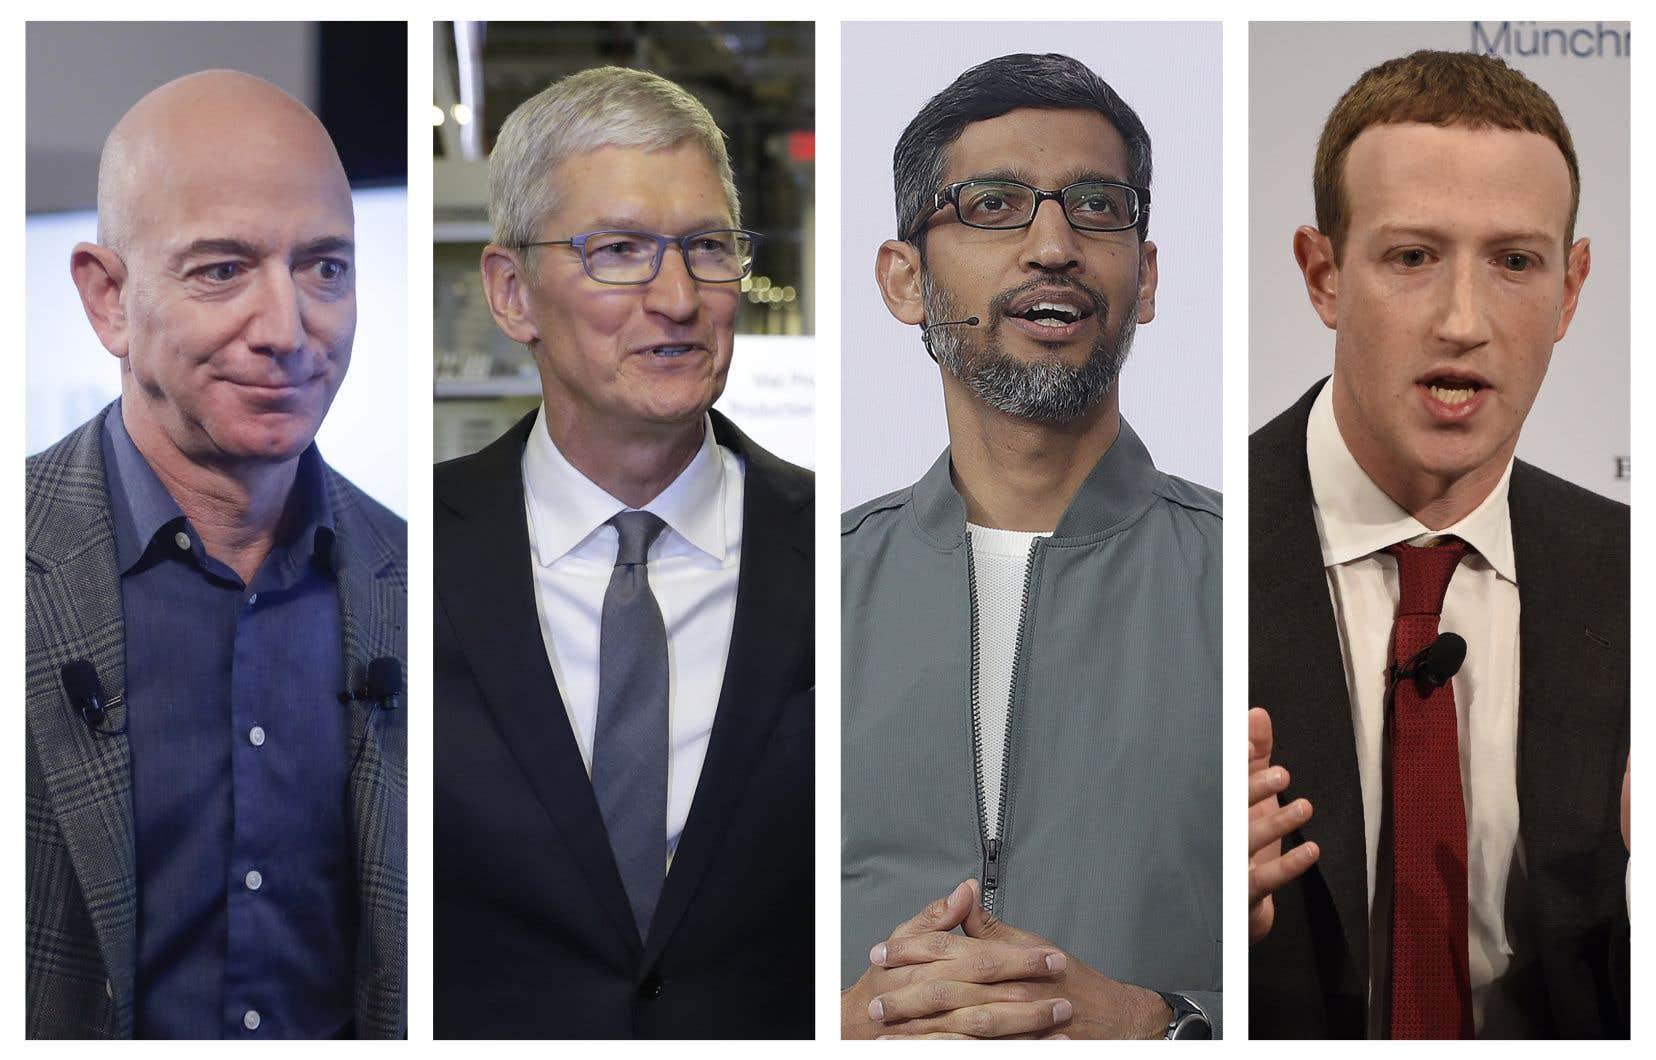 Jeff Bezos (Amazon), Tim Cook (Apple), Sundar Pichai (Alphabet, maison mère de Google) et Mark Zuckerberg (Facebook) s'exprimeront par visioconférence devant le Congrès américain mercredi.